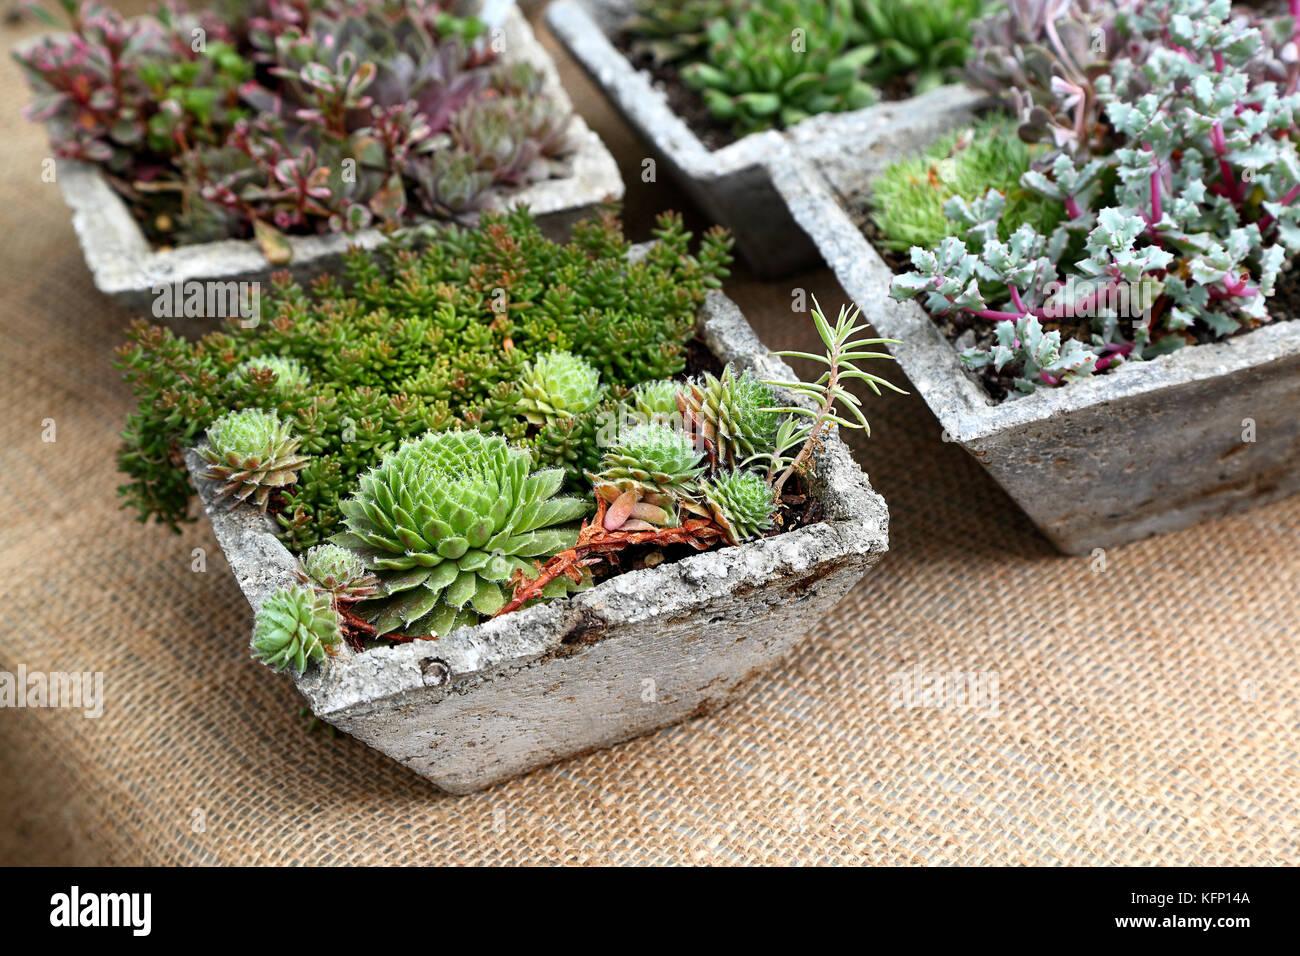 Mini Cactus Garden Arrangements